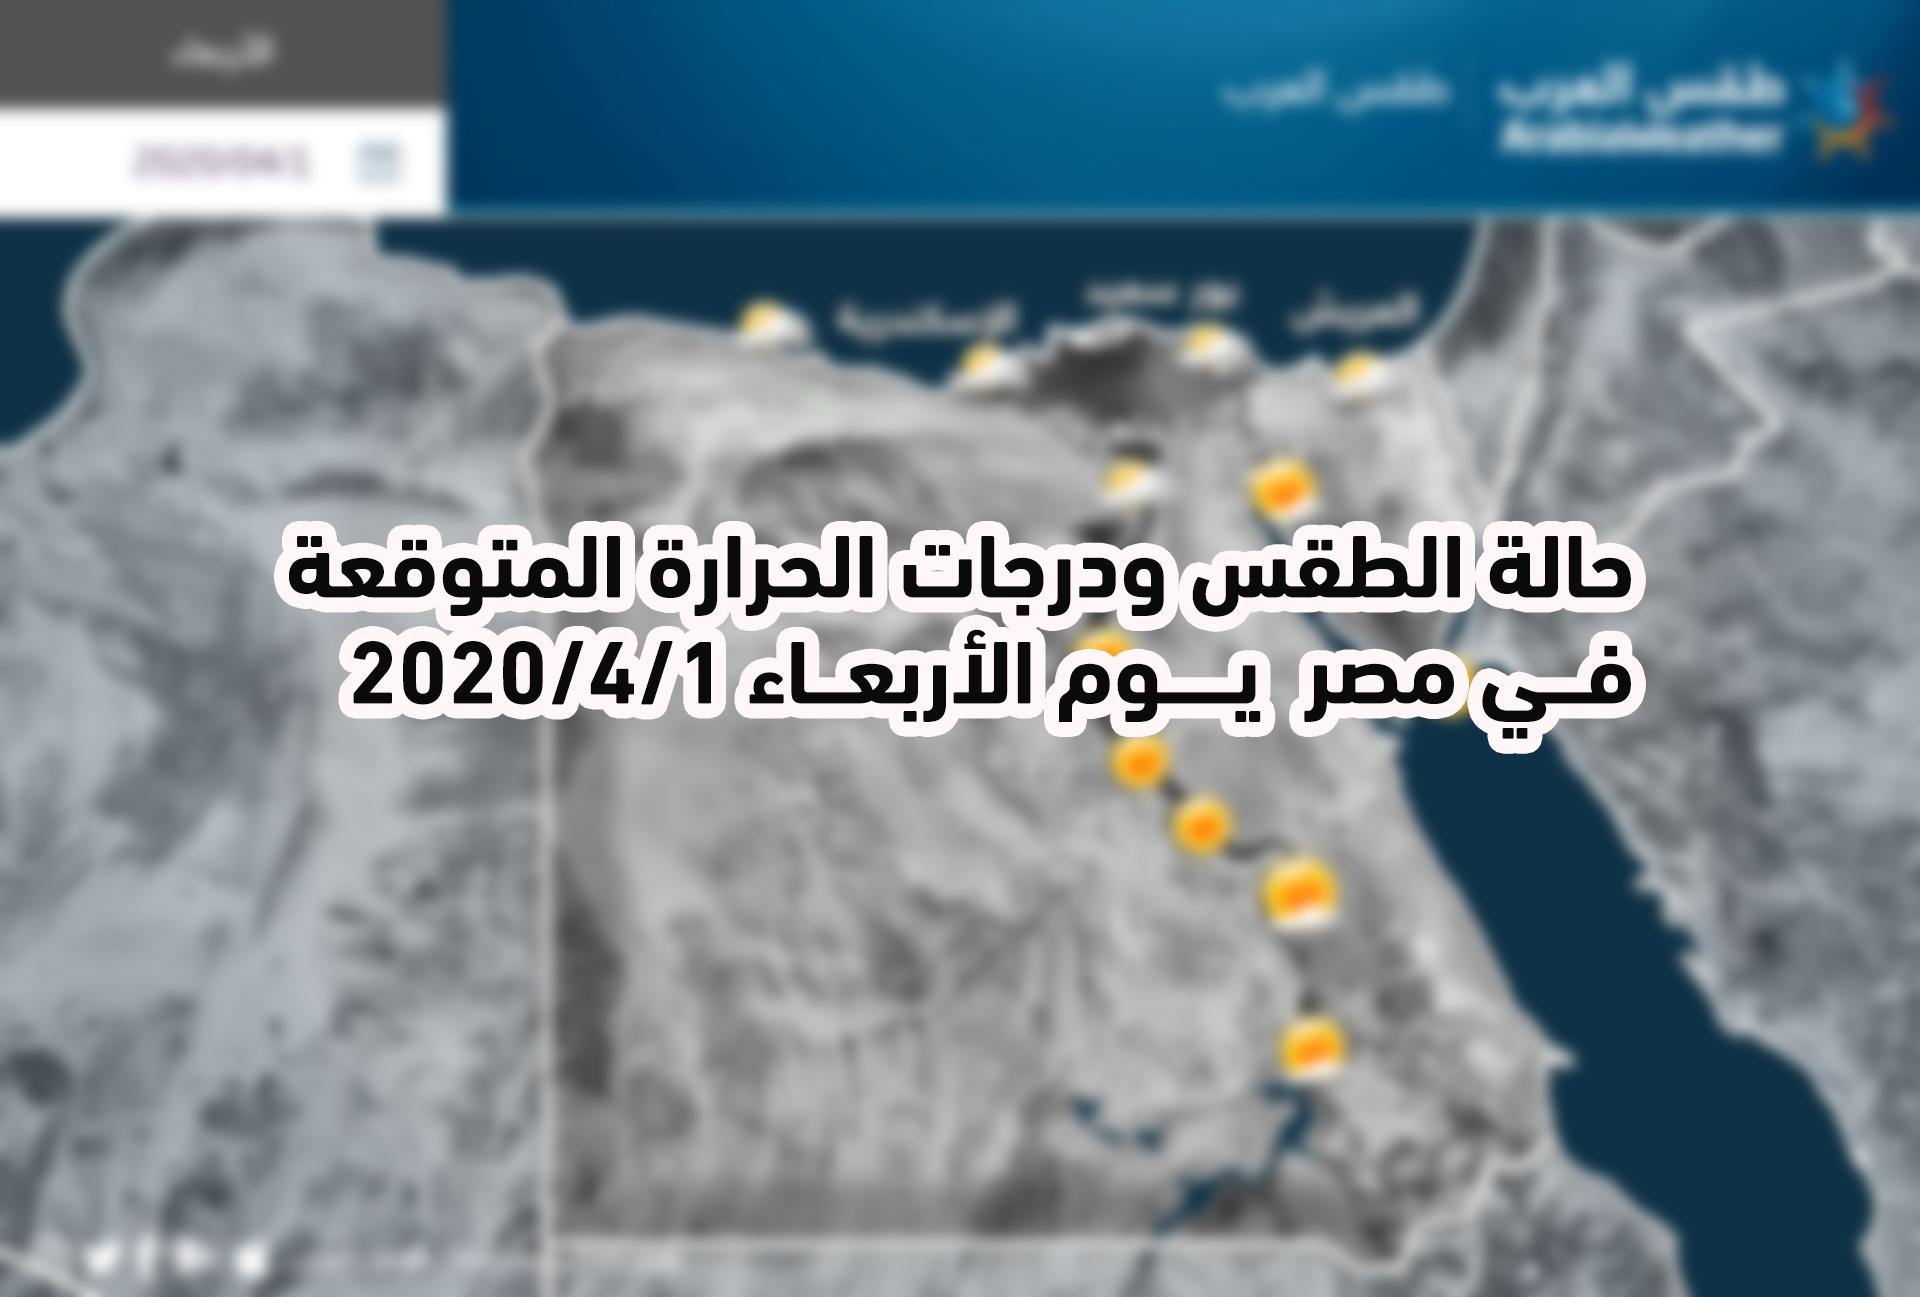 مصر   حالة الطقس ودرجات الحرارة المتوقعة يوم الأربعاء 2020/4/1   طقس العرب